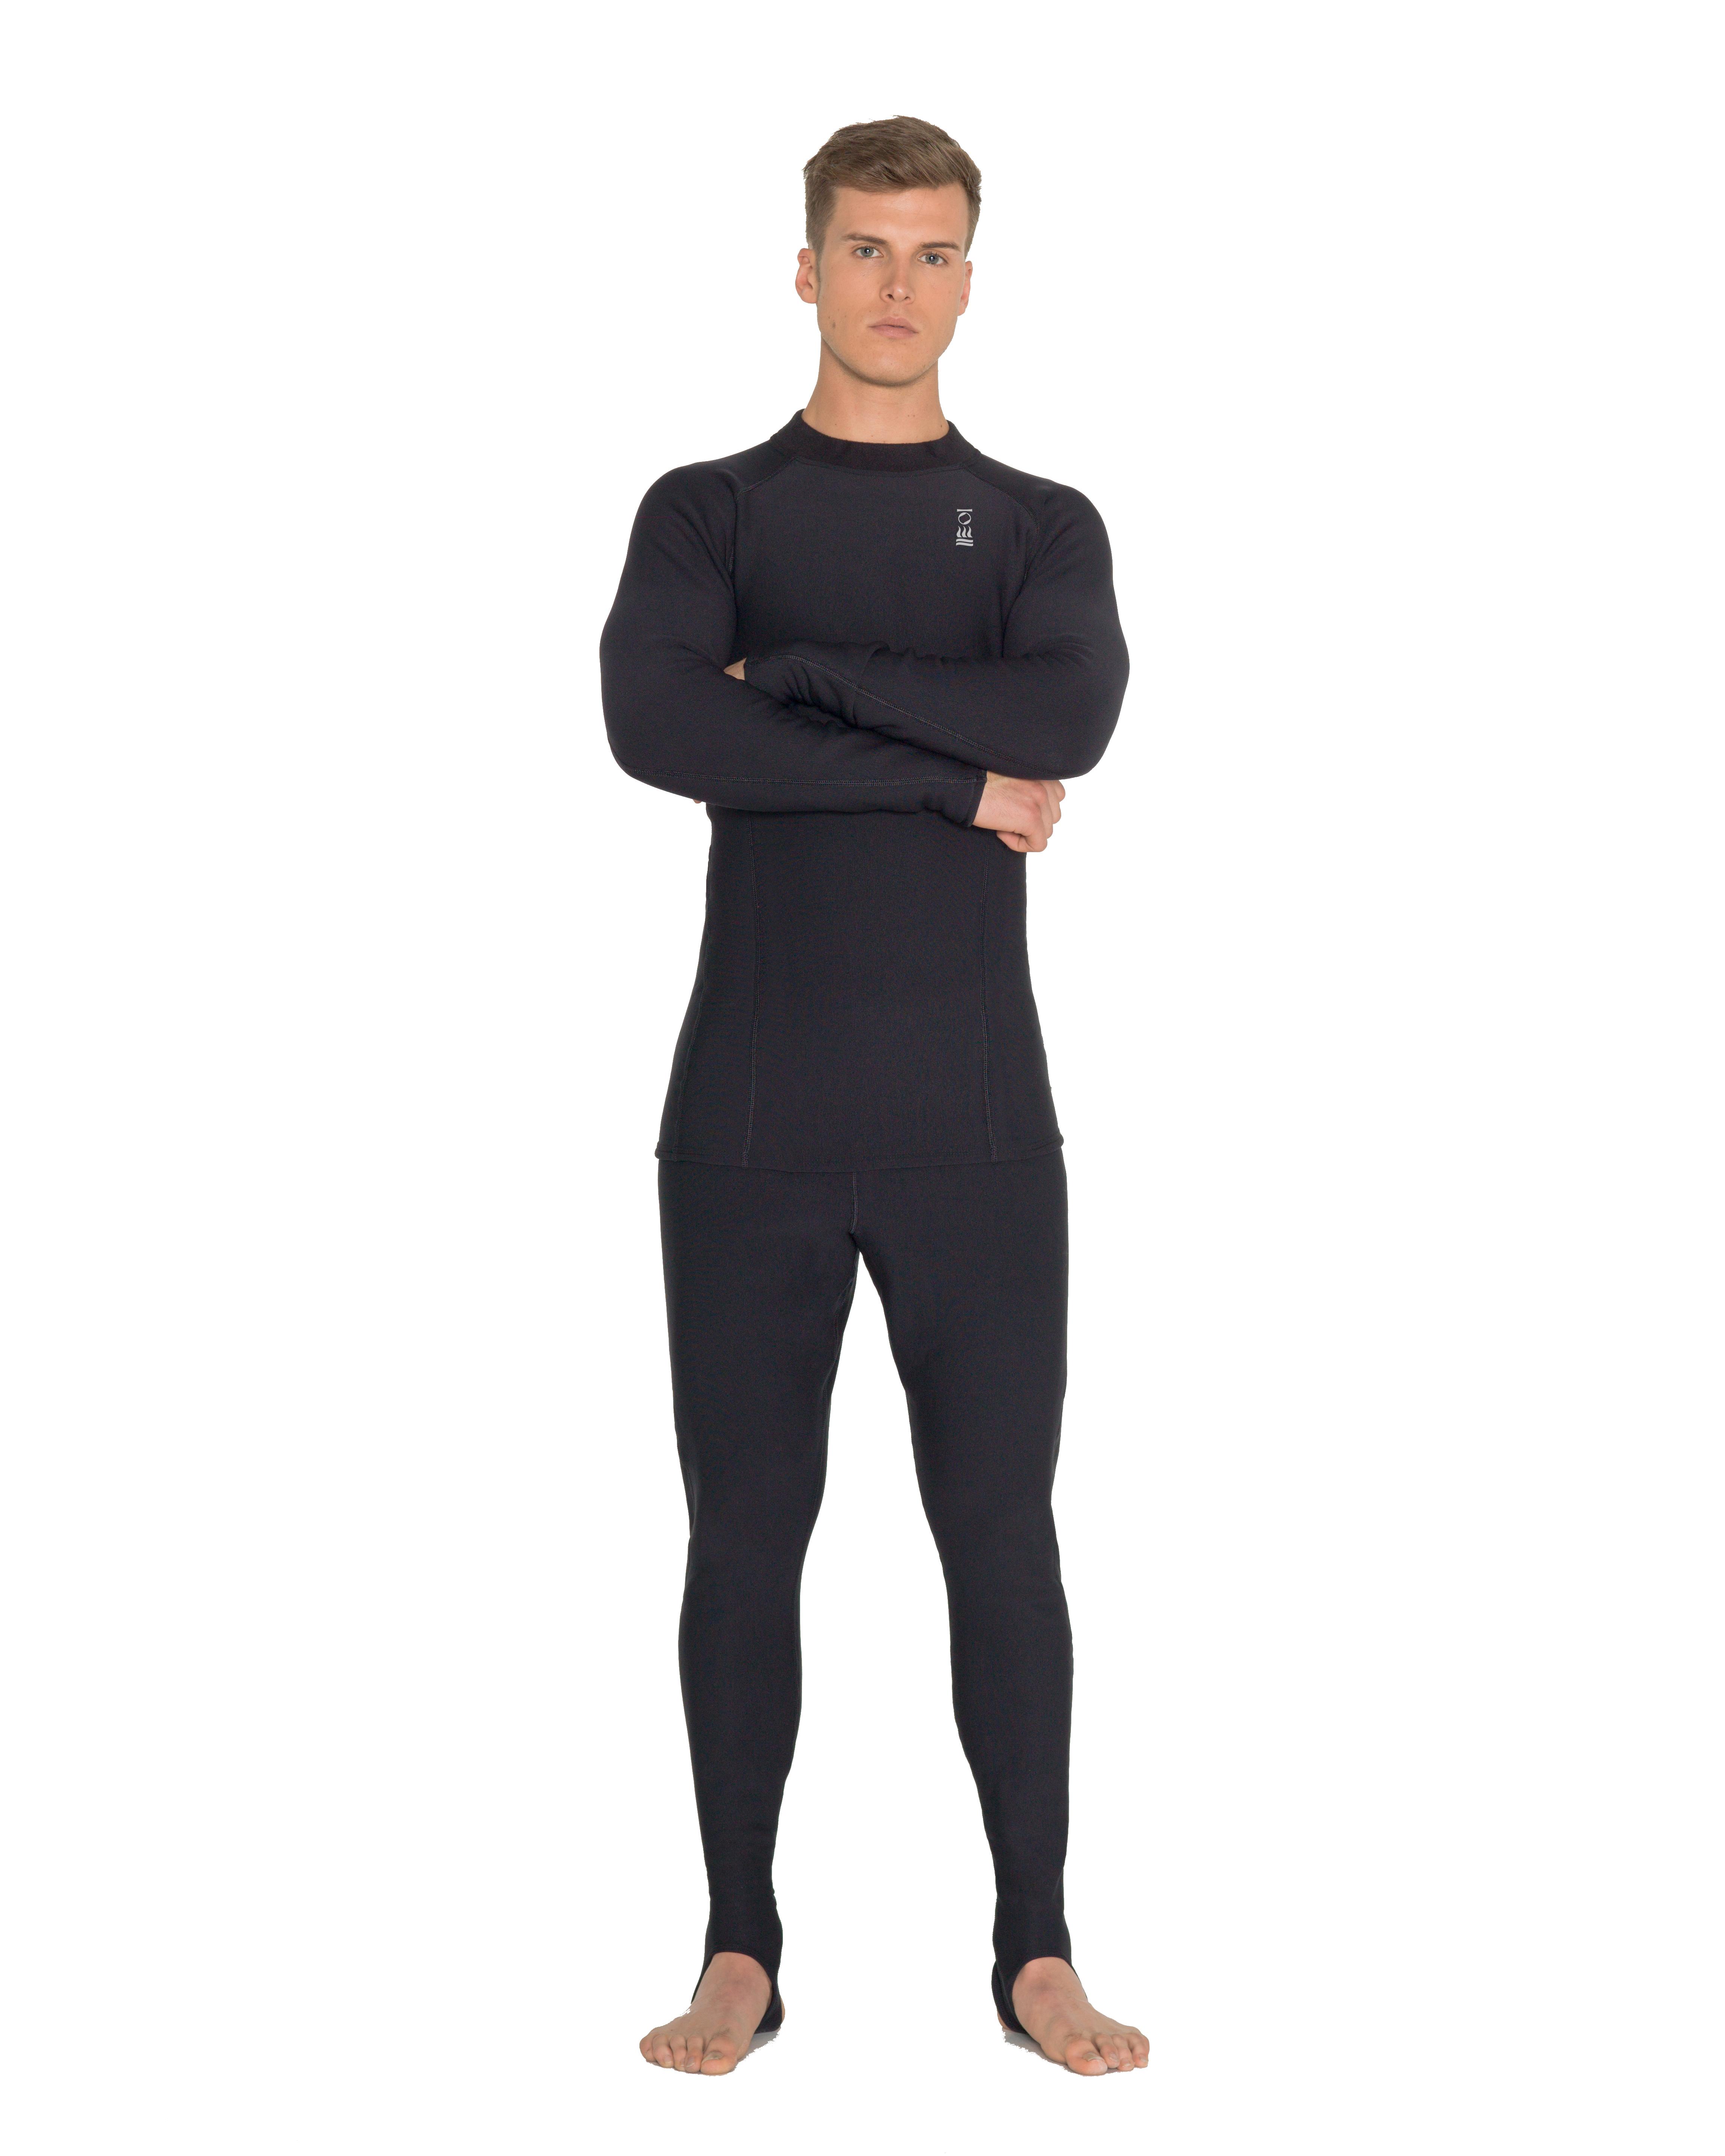 Xerotherm 4er-Set : Top, Long Sleeve, Leggings und Socken (Men Gr. S)